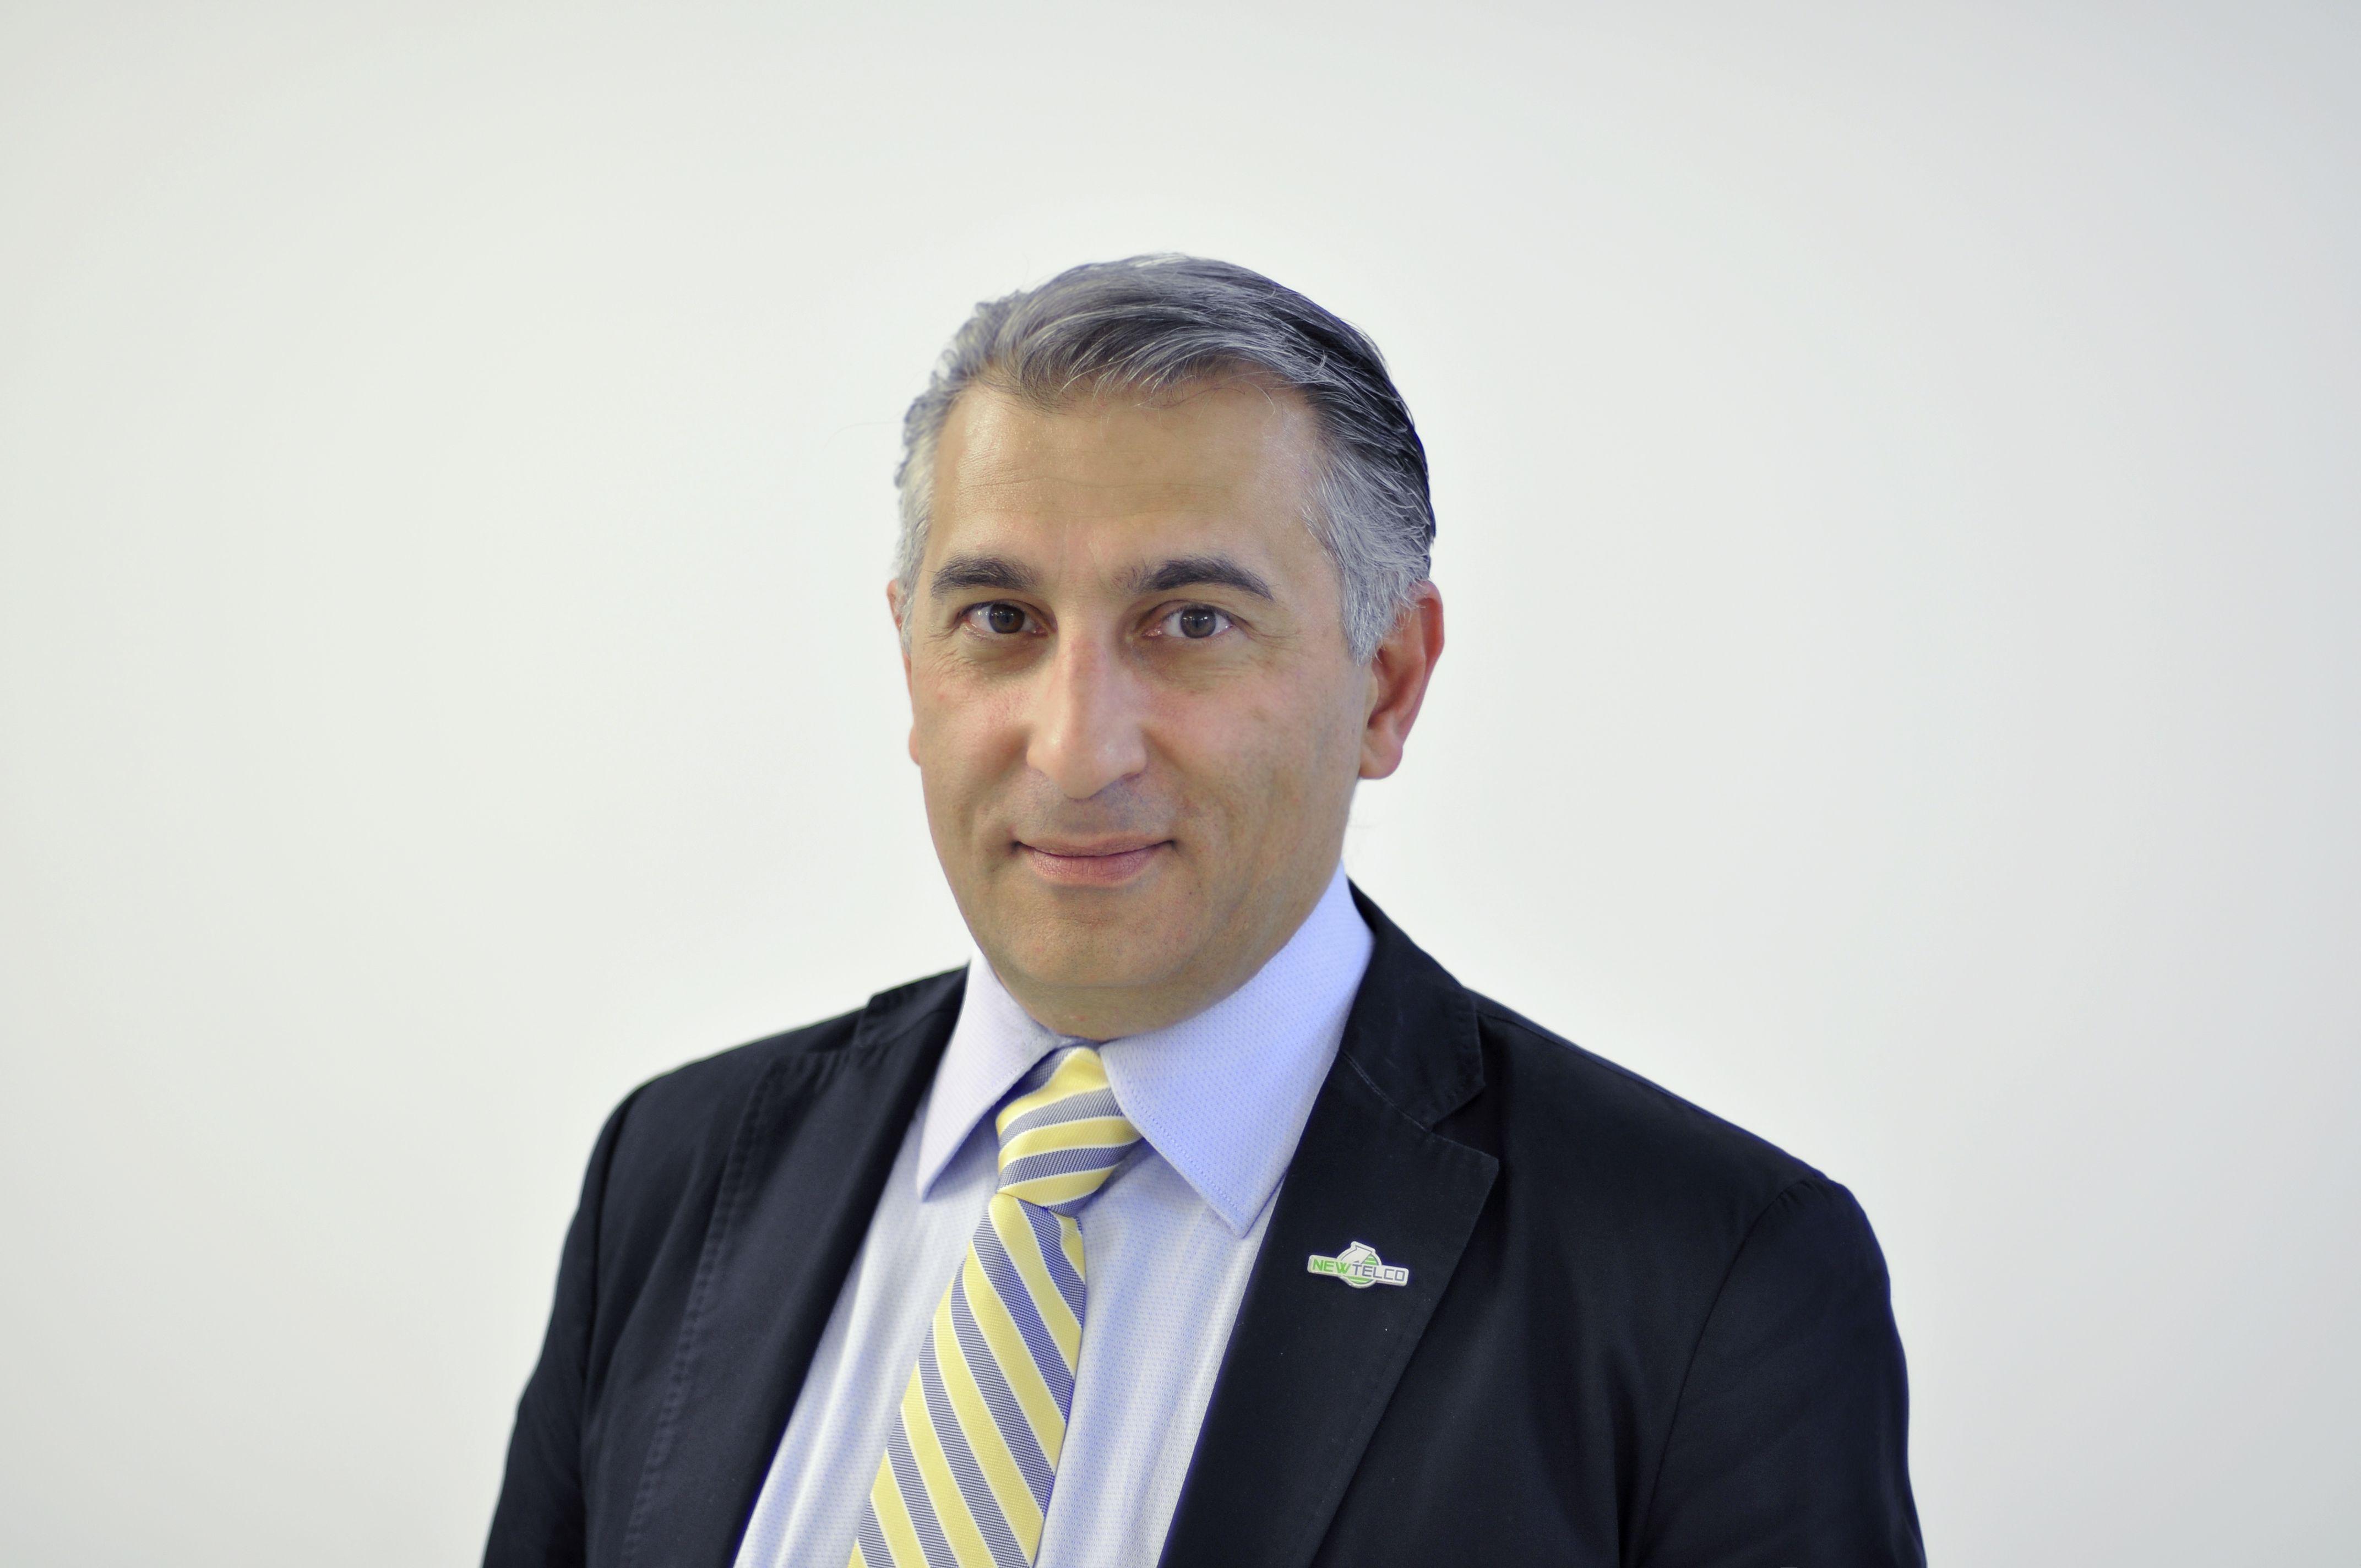 george gotoshia profile picture